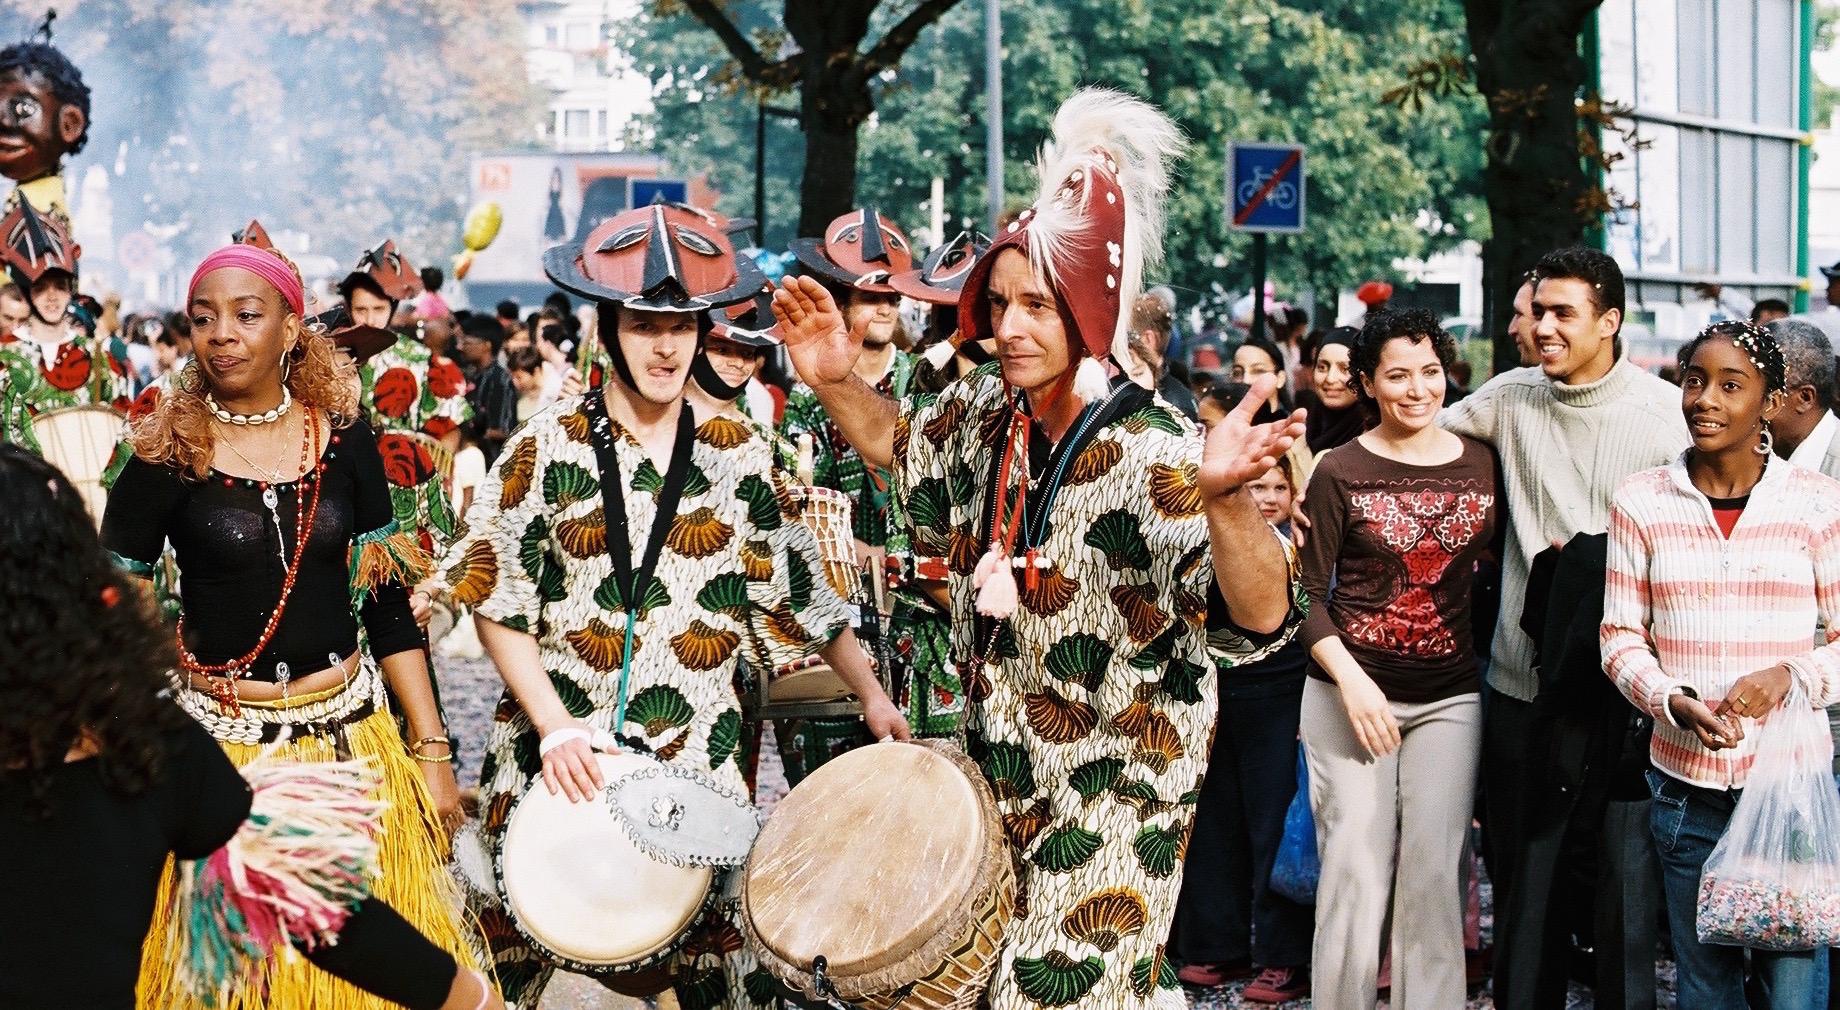 Carnaval de Bagneux - Septembre 2005